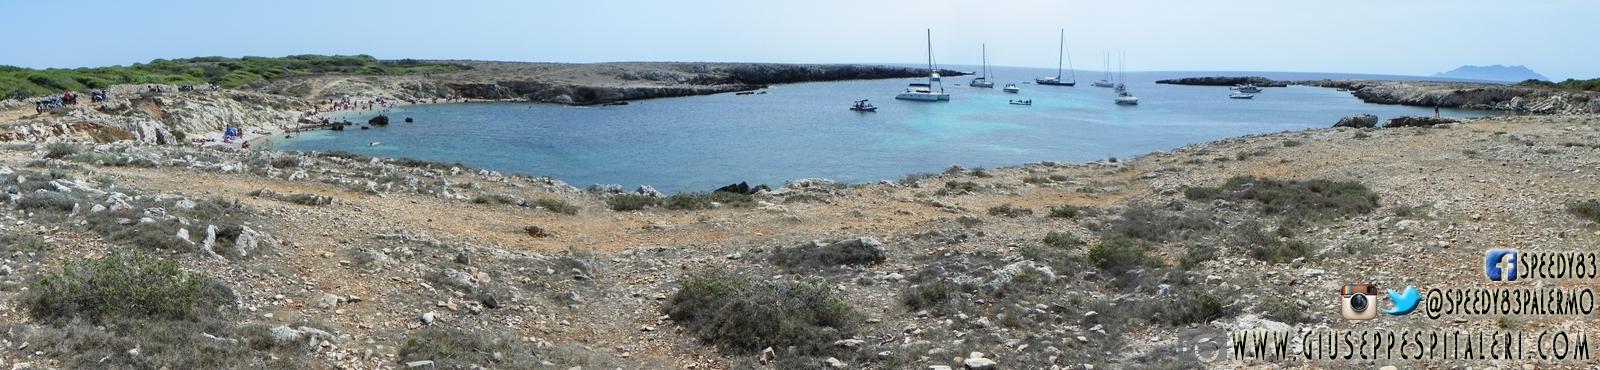 isola_di_favignana_trapani_2012_02